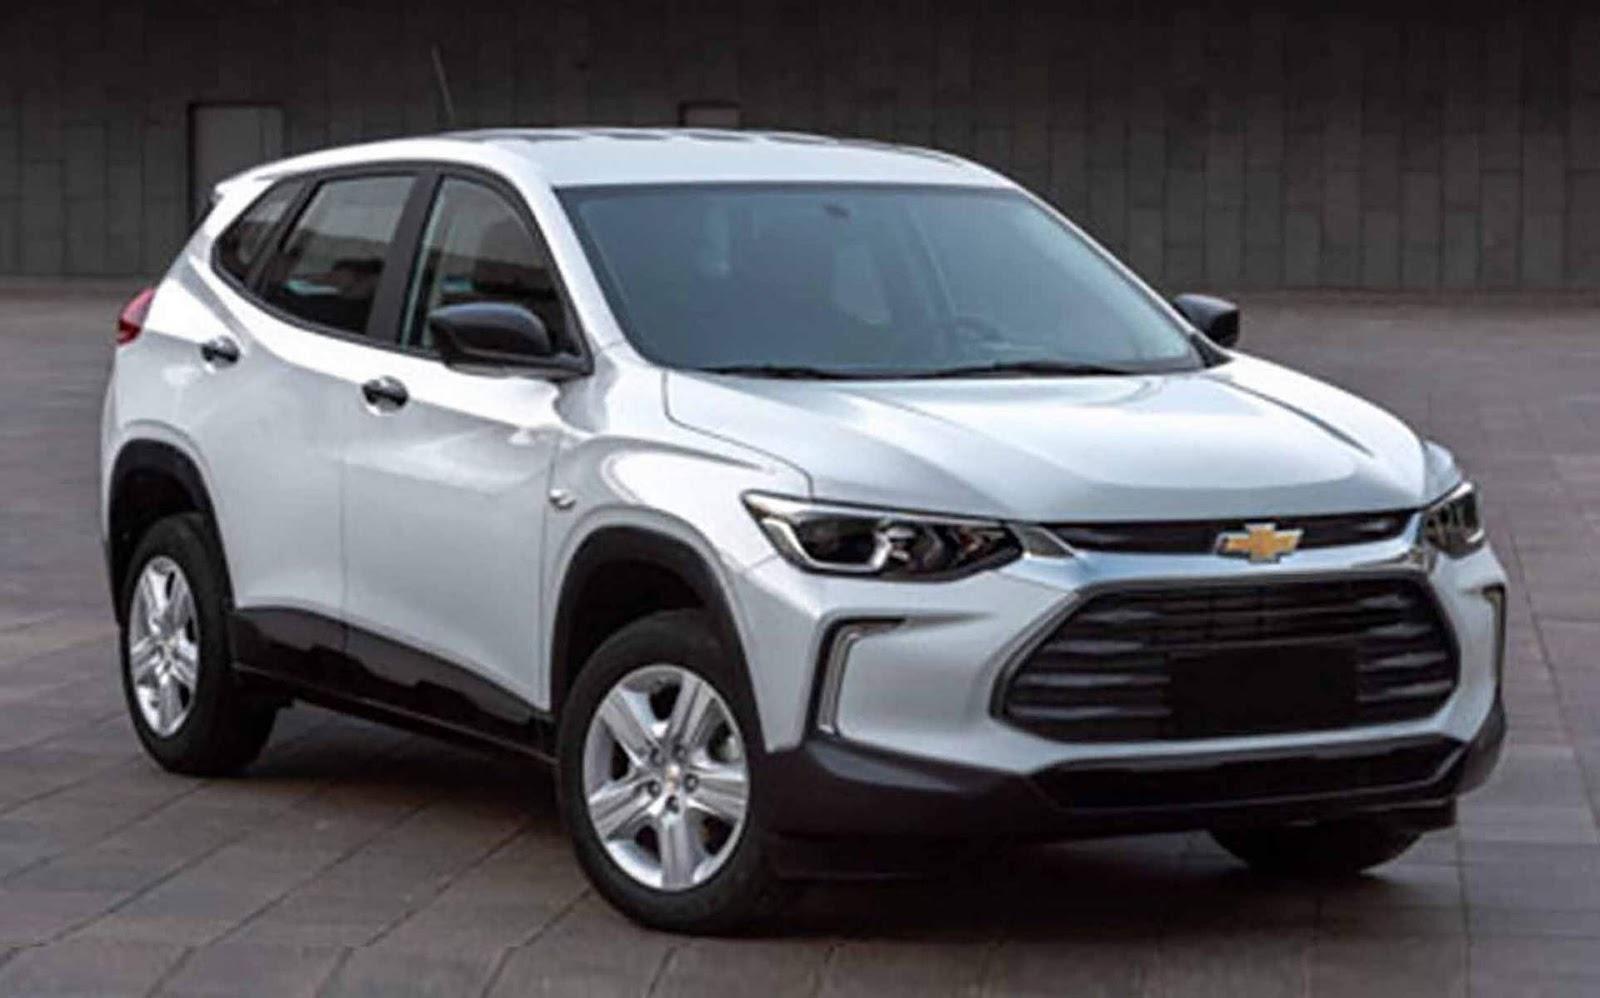 Novo Chevrolet Tracker 2020: fotos e especificações oficiais | CAR.BLOG.BR